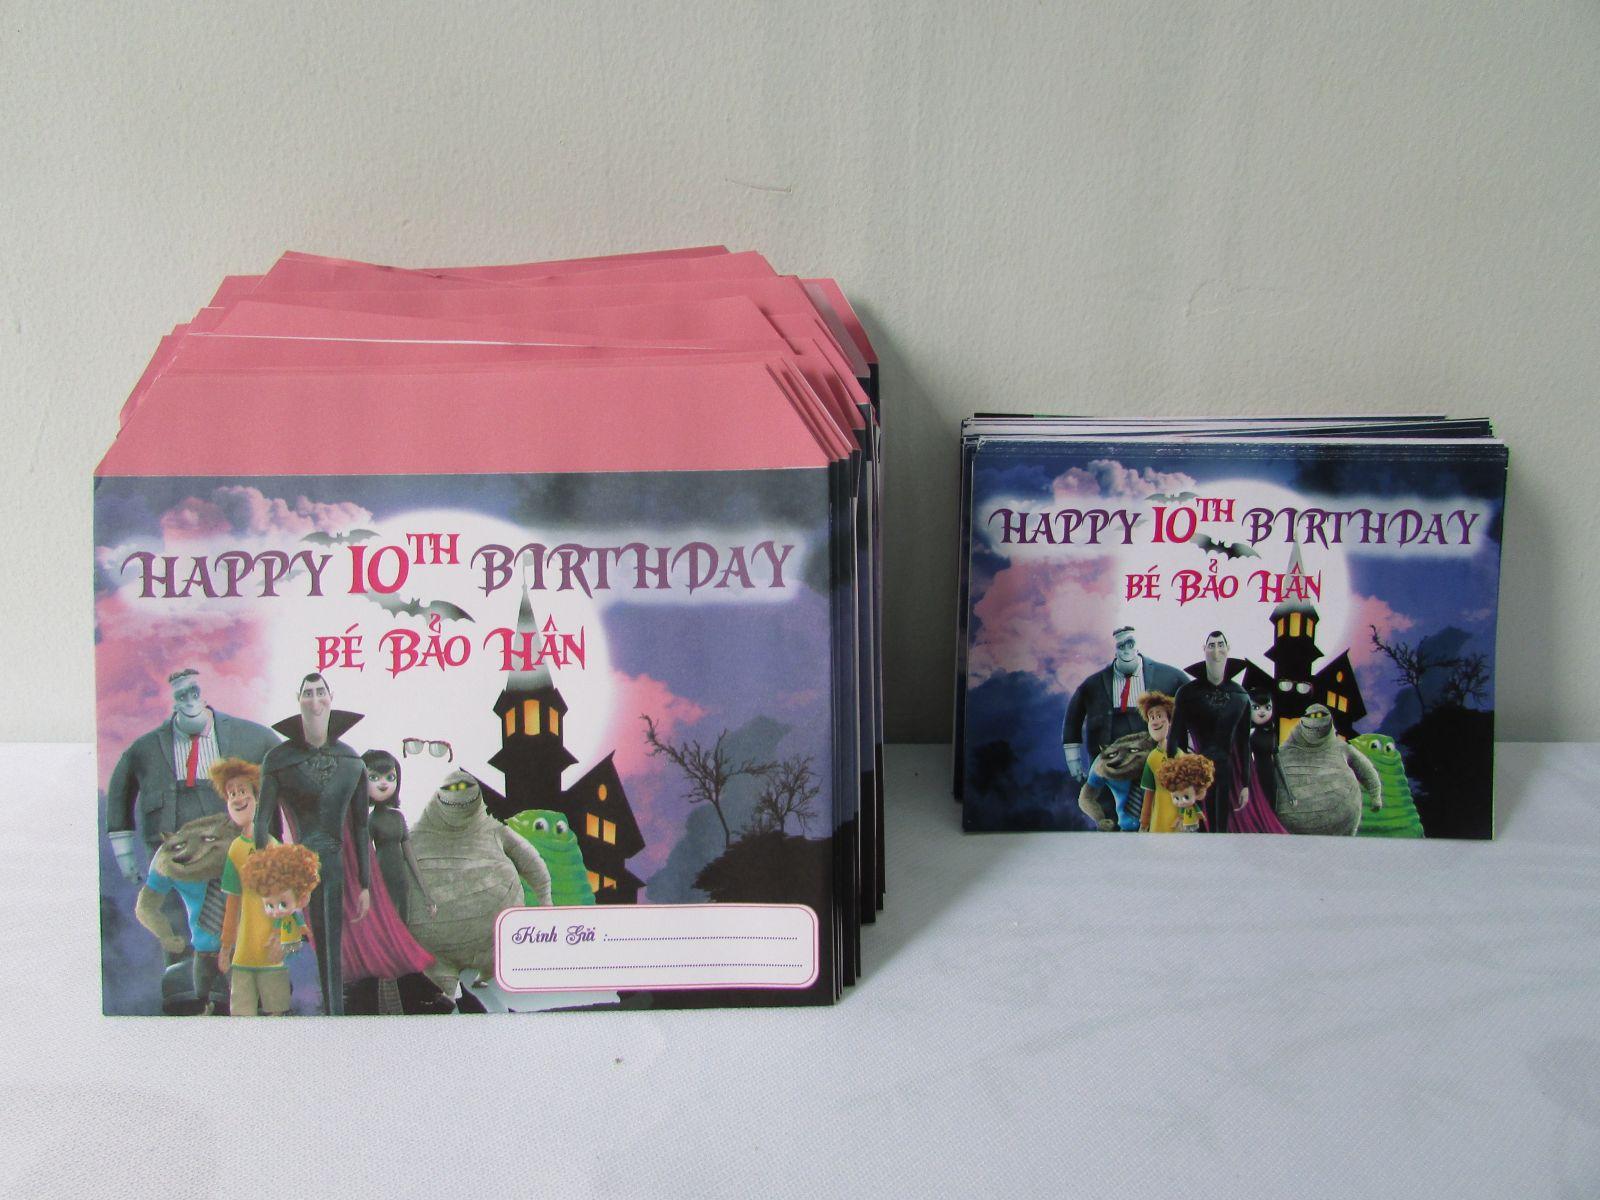 Mẫu thiệp mời sinh nhật thiết kế riêng cho khách hàng